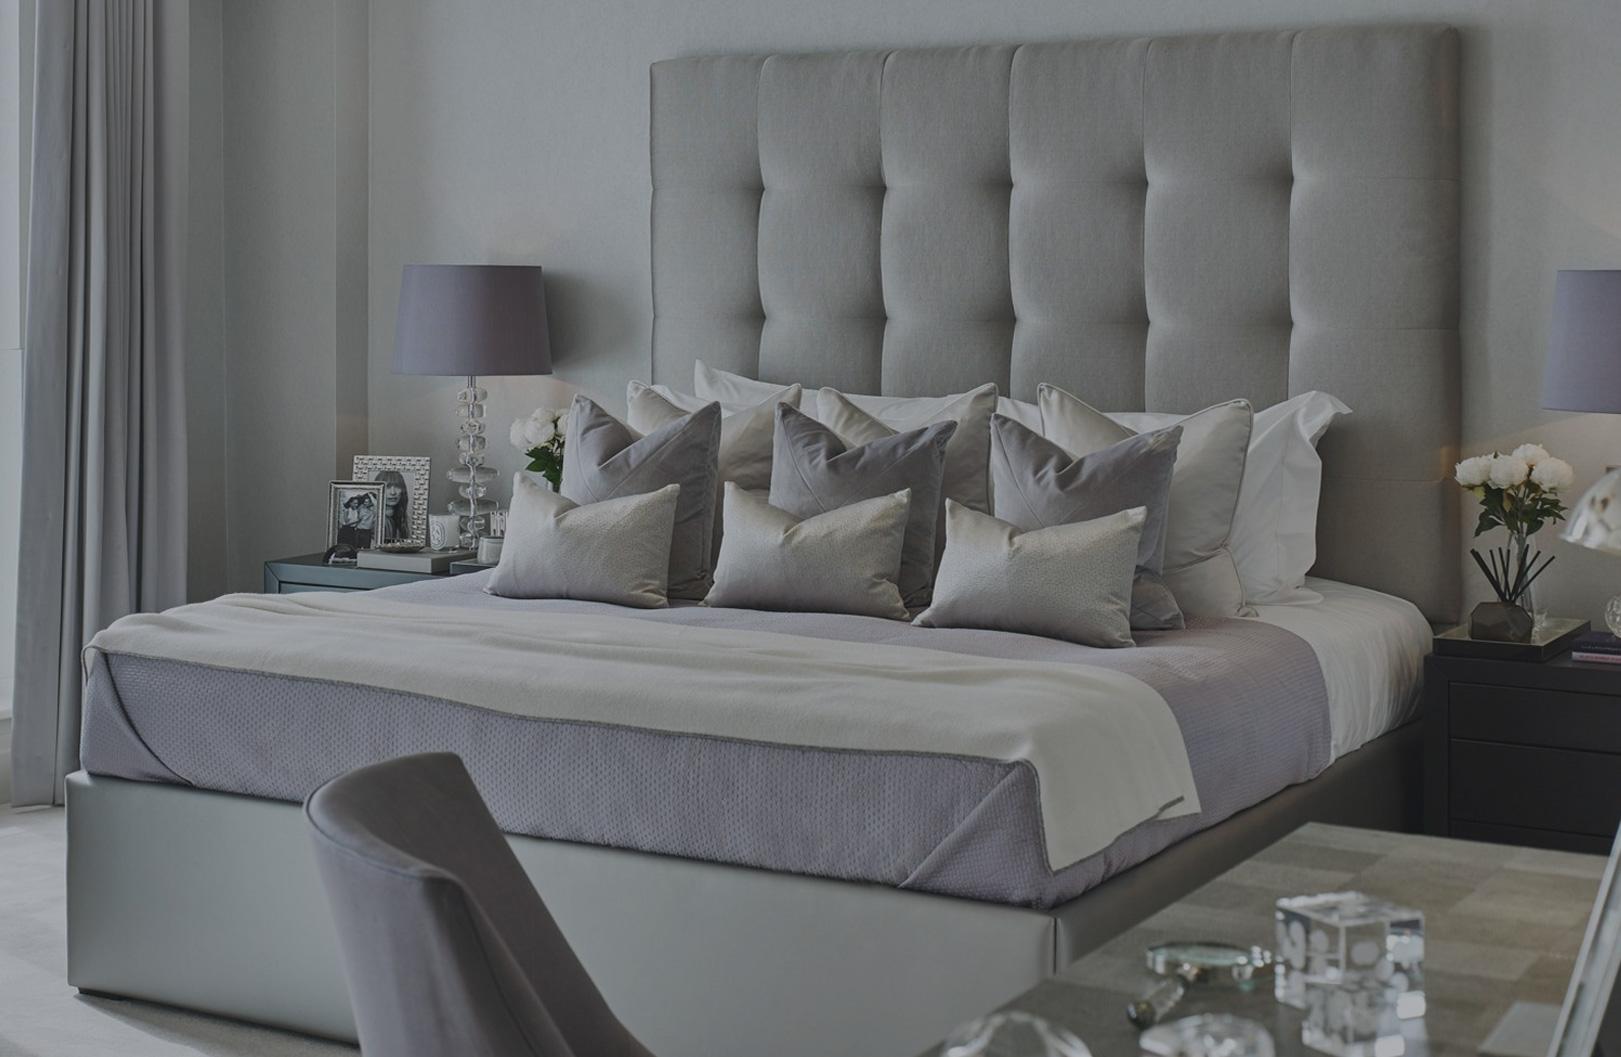 Vendita e acquisto di mobili usati in ticino mobili online for Mobili design vendita online